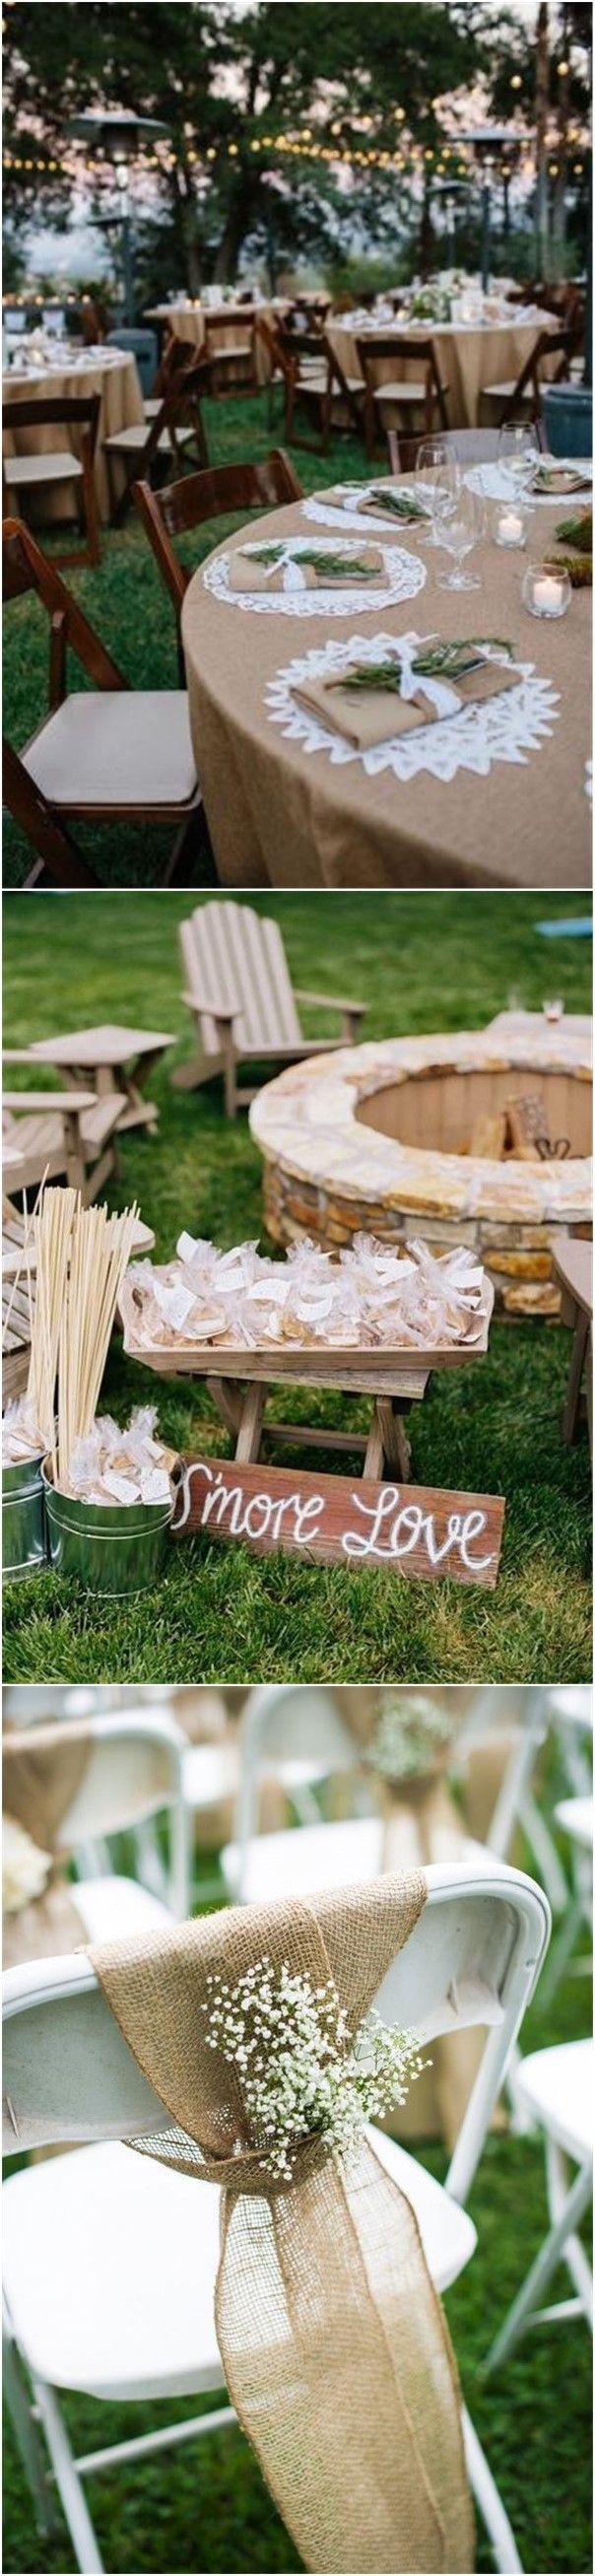 Wedding lawn decoration ideas   Rustic Backyard Wedding Decoration Ideas on A Budget  Backyard